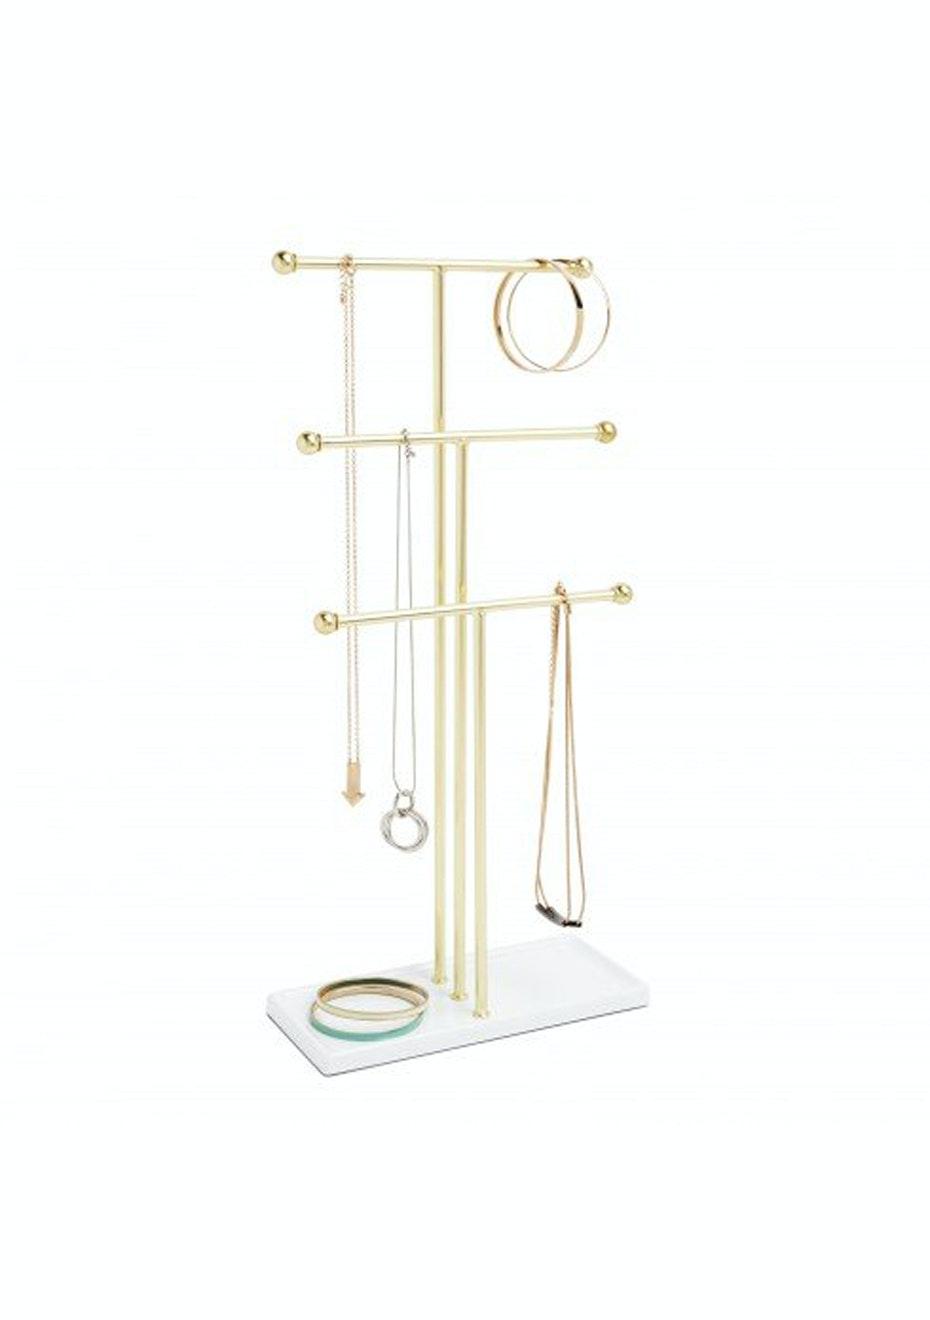 Umbra - Trigem Jewelry Tree  - White/Brass